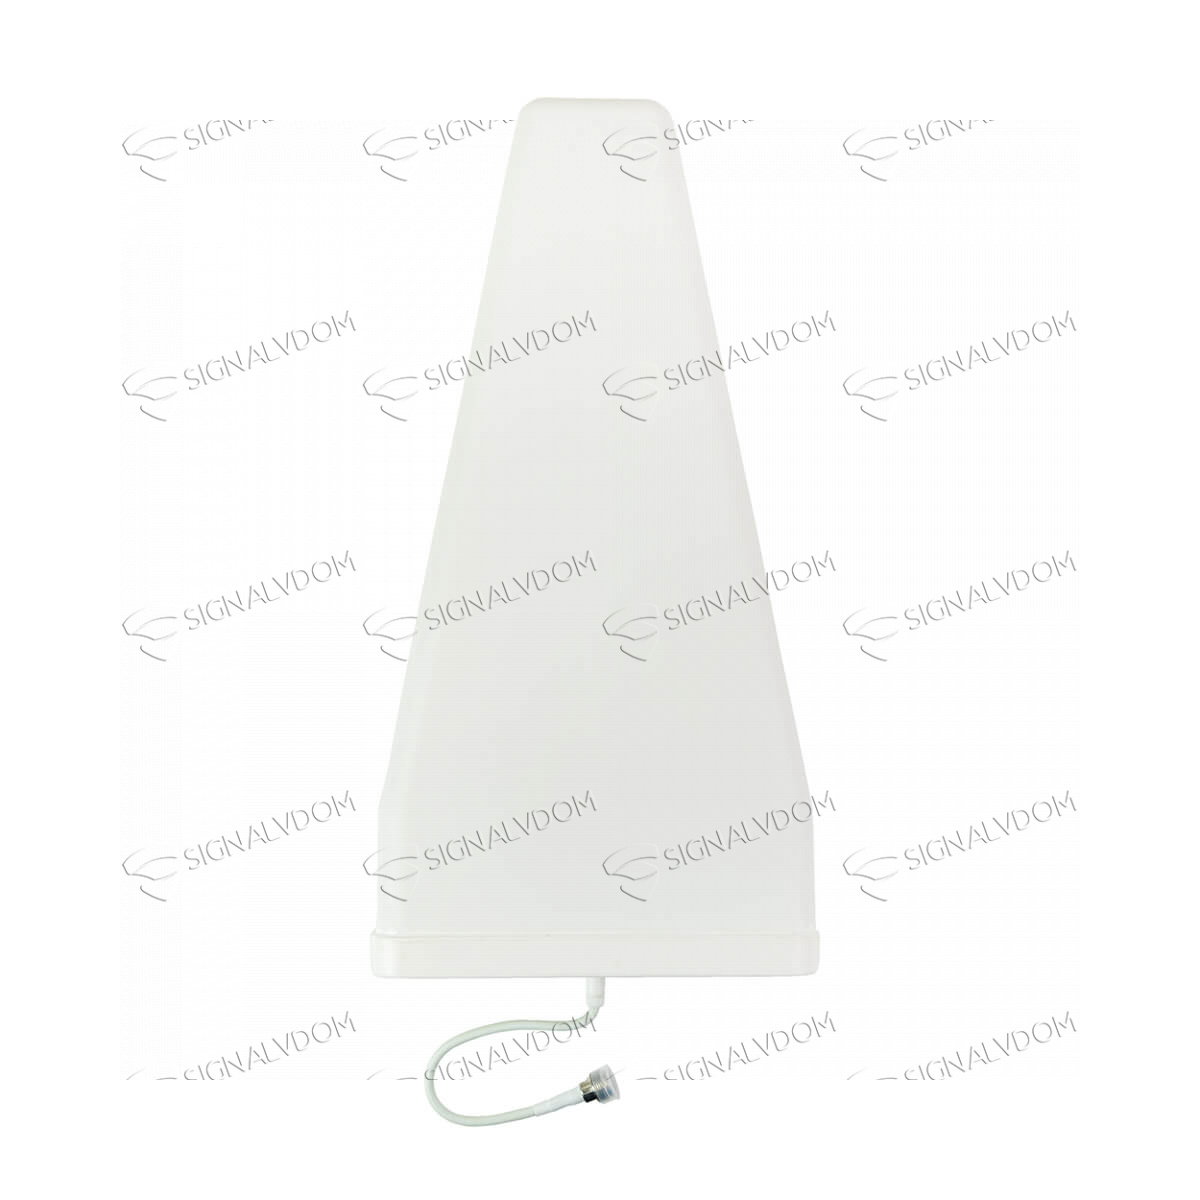 Усилитель сигнала Power Signal Standard 900/2100 MHz (для 2G, 3G) 70 dBi, кабель 15 м., комплект - 2